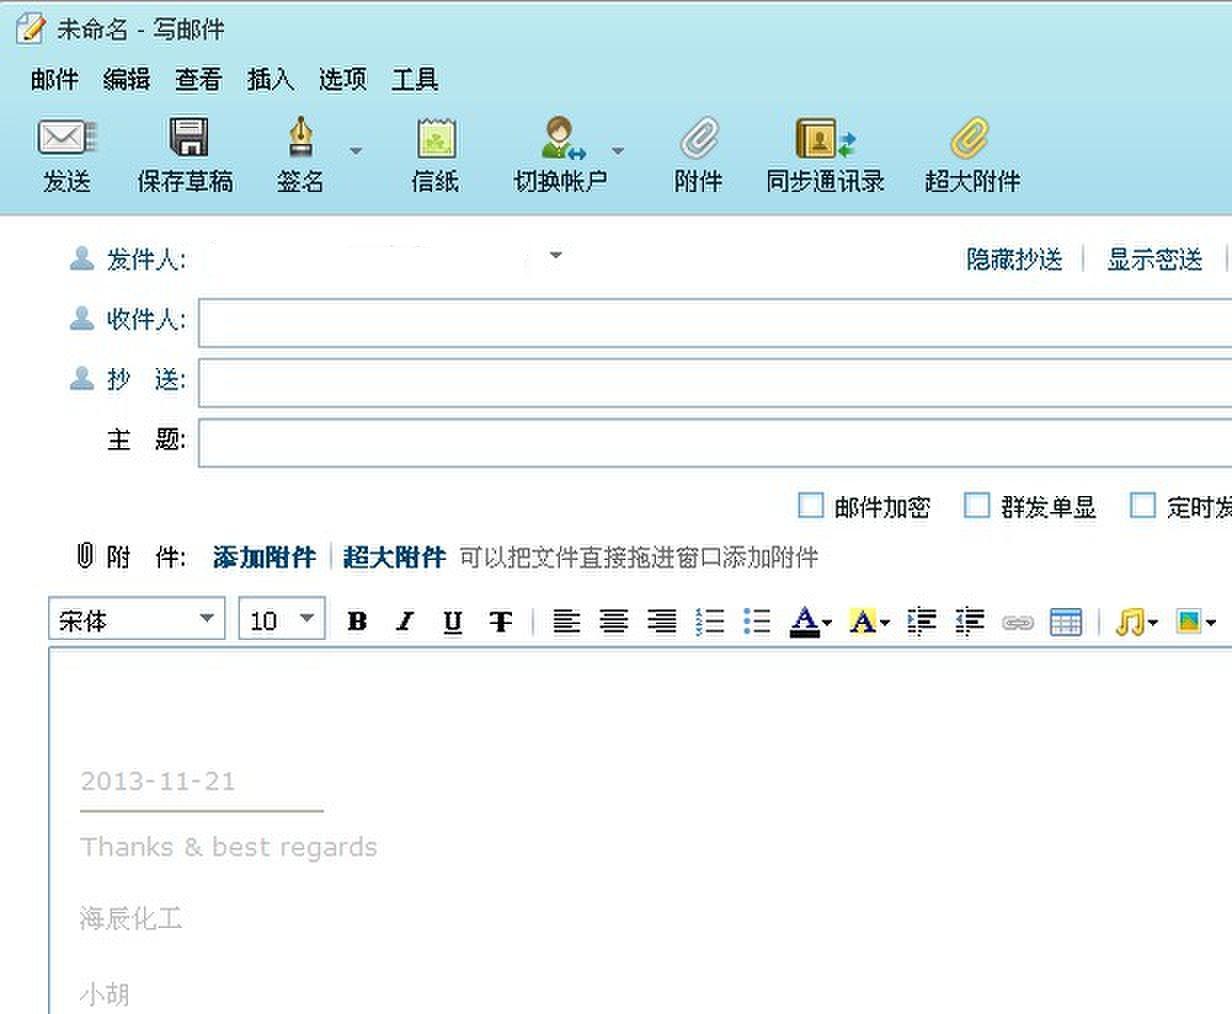 企业网络理员_网易邮箱客户端签名设置_百度知道